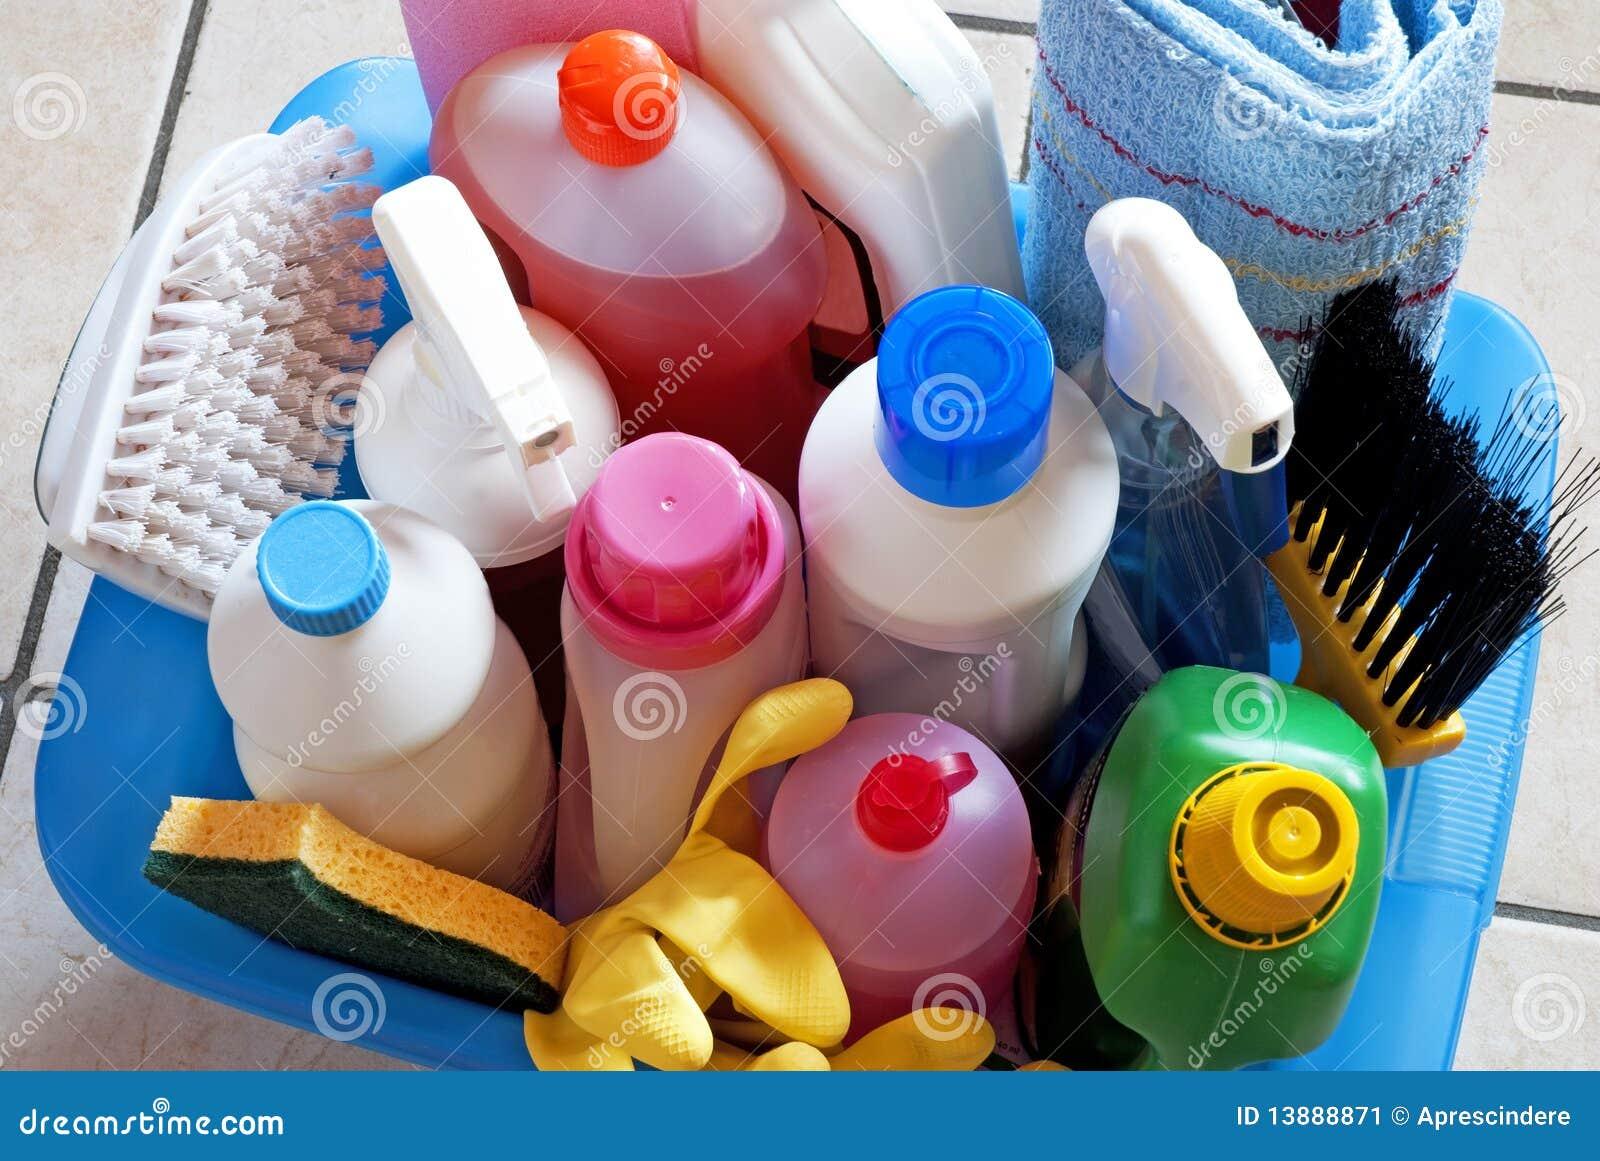 Conjunto de limpieza